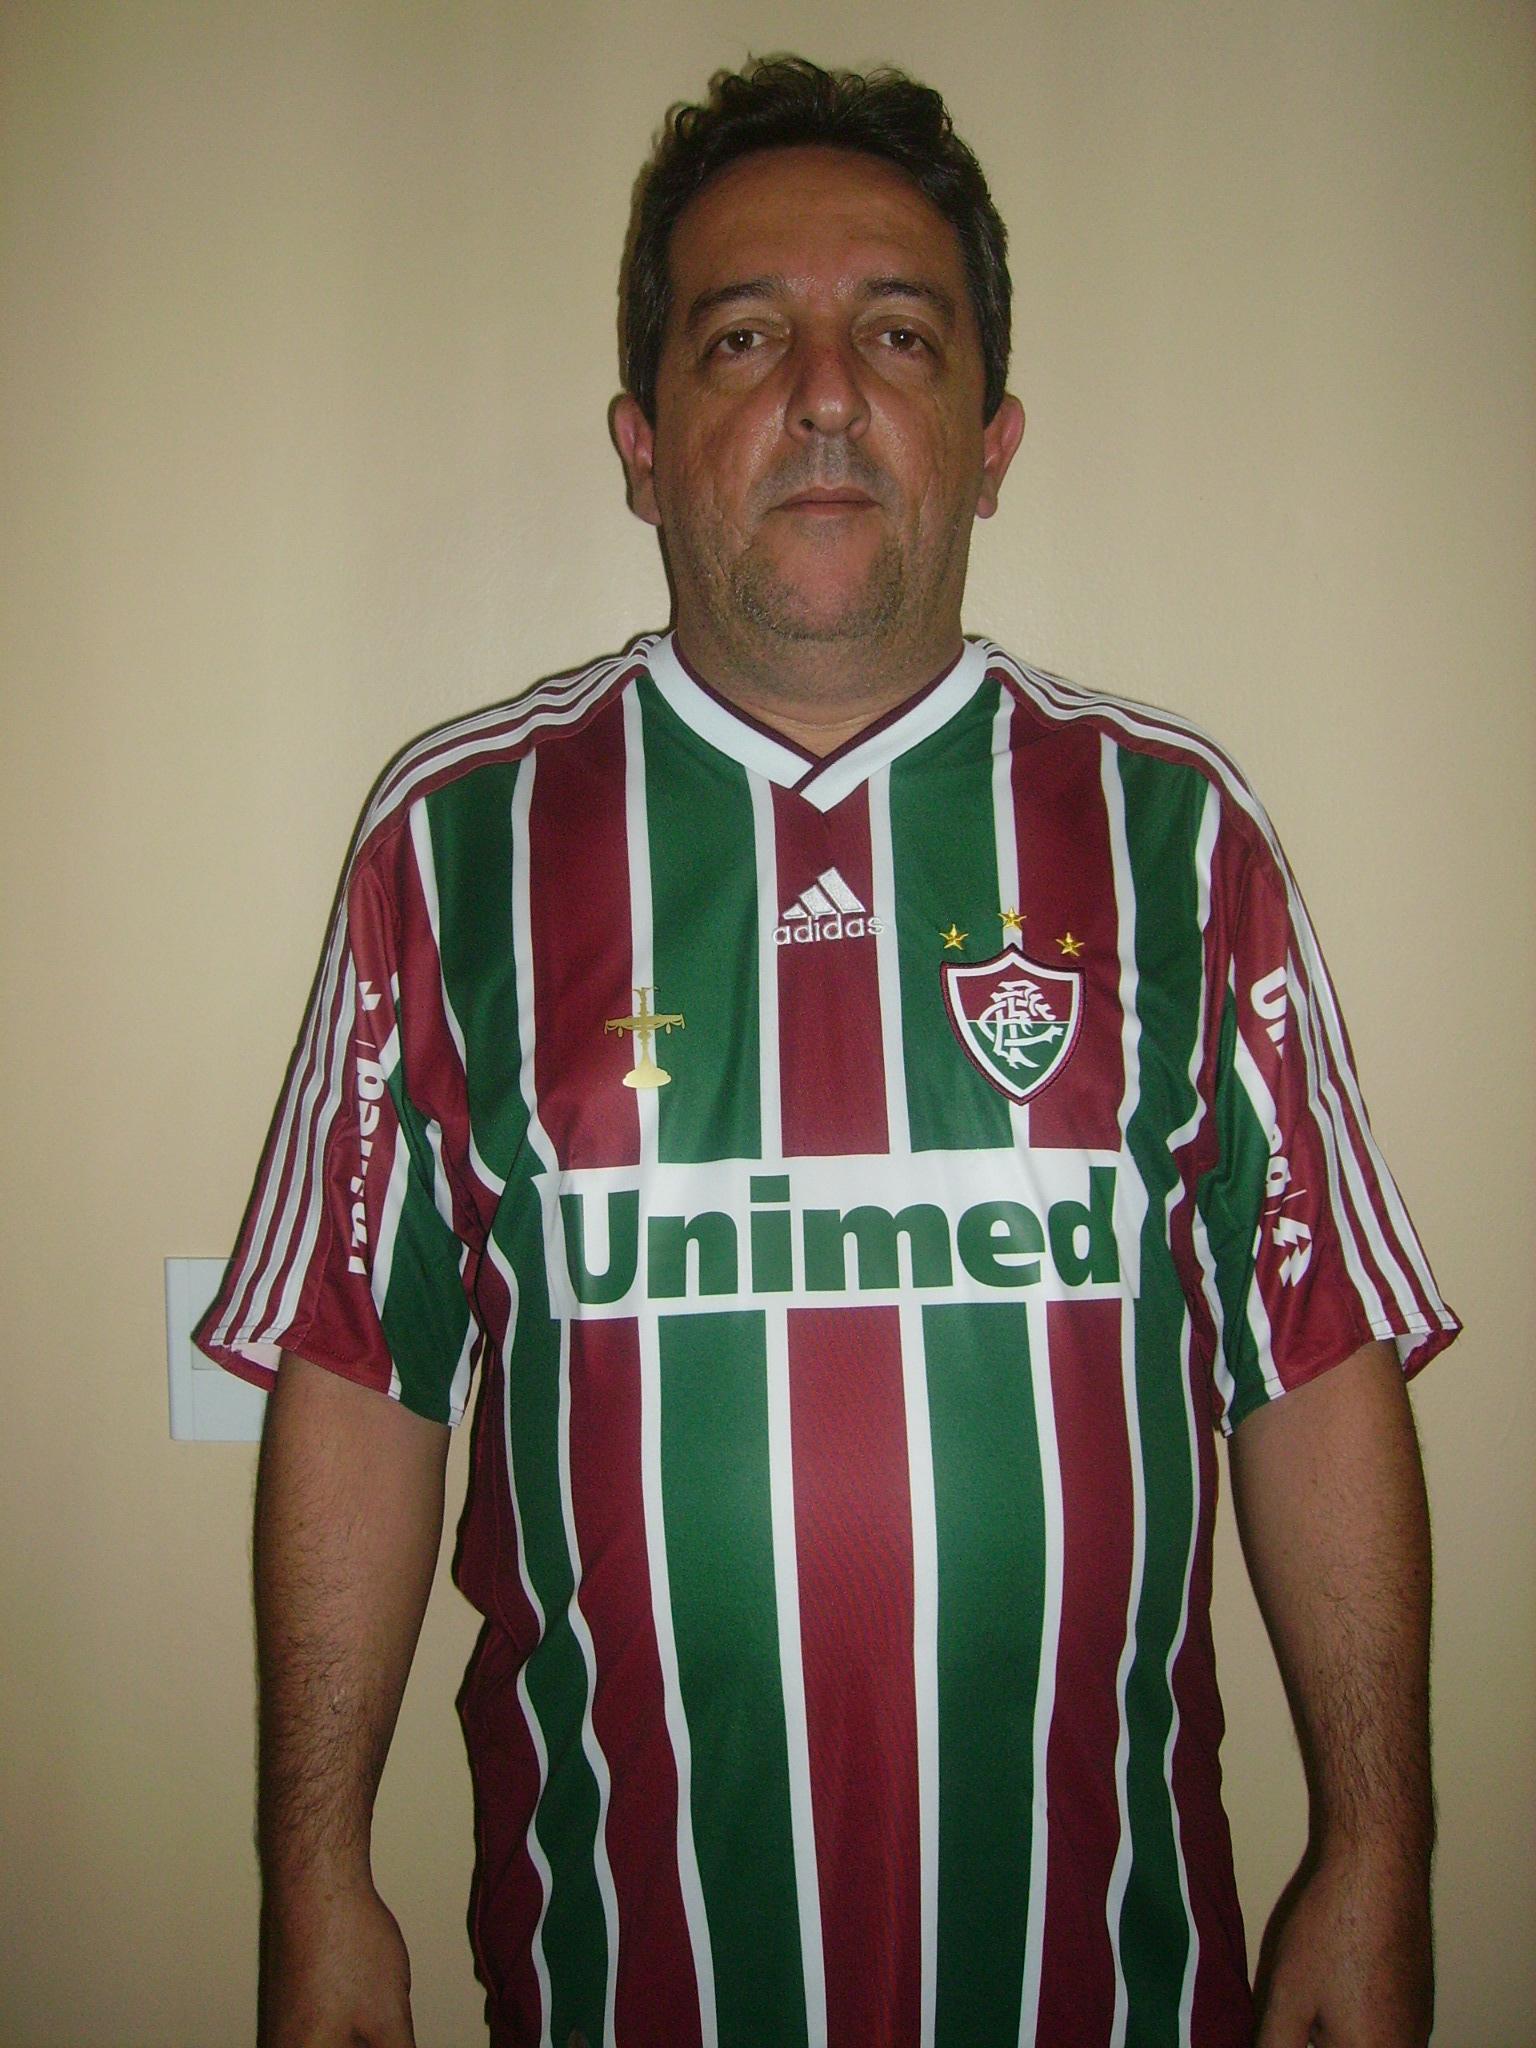 Vestir a nova camisa do Fluminense é uma forma de demonstrar o meu amor pelo Fluzão (foto Eliana Buchaul)